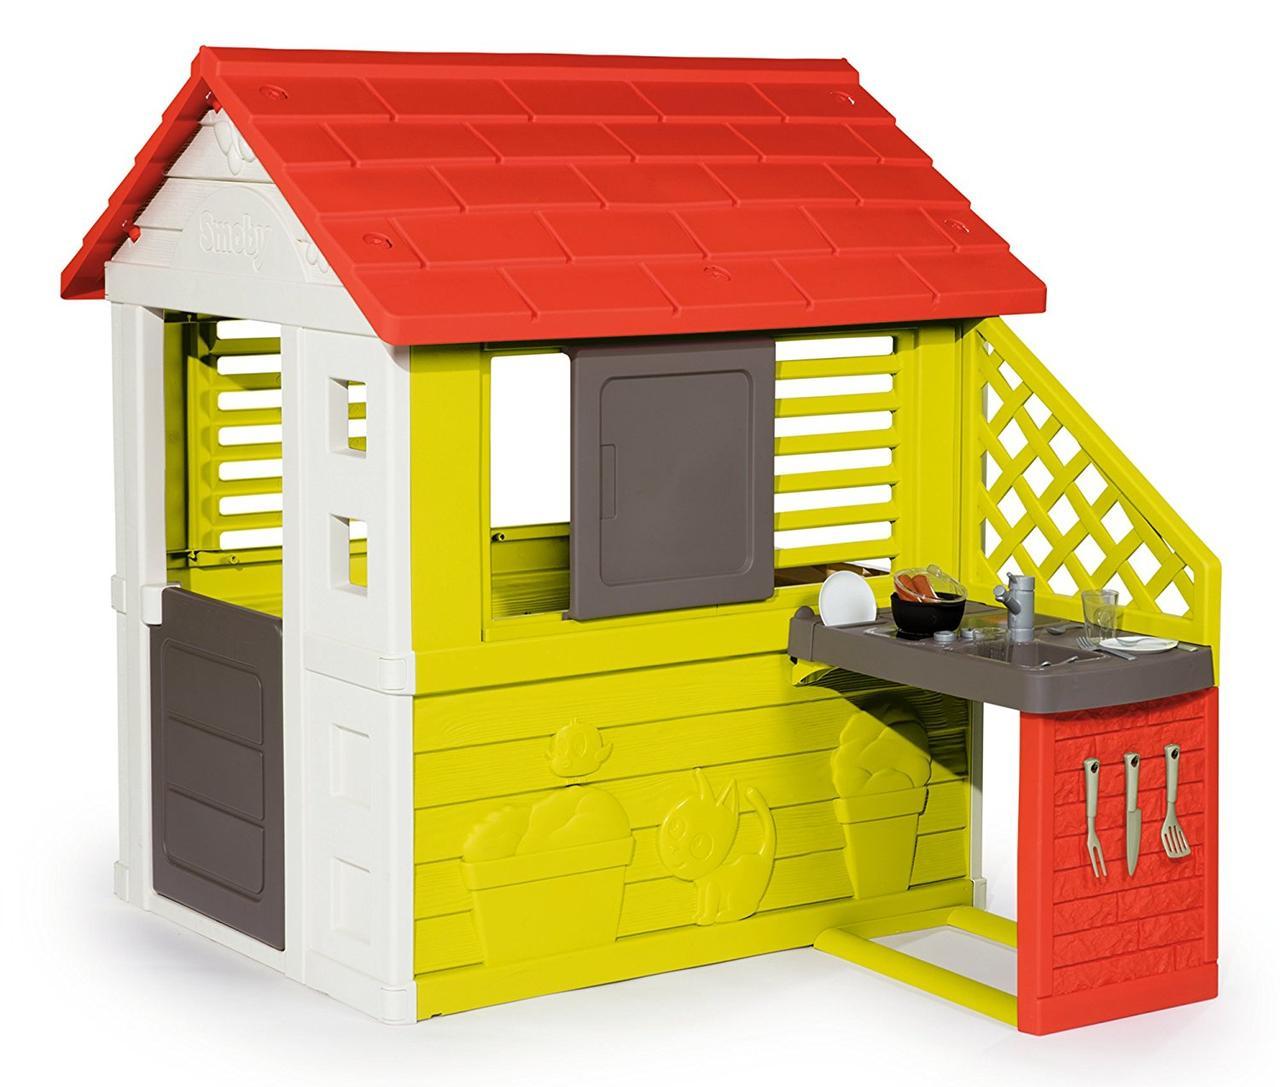 Игровые площадки «Smoby» (810713) домик Дачный с летней кухней